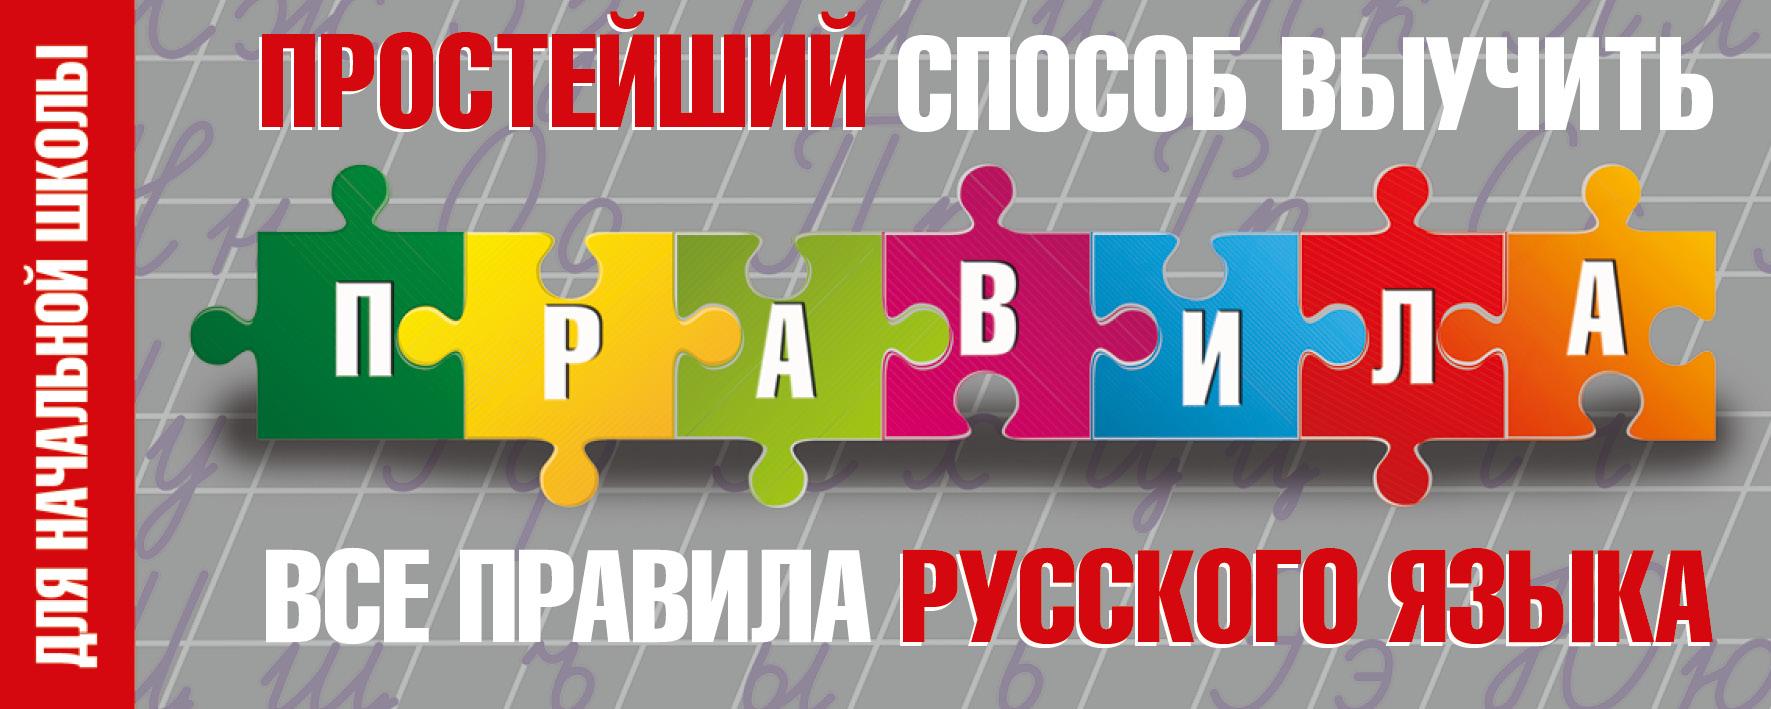 Простейший способ выучить все правила русского языка. Для начальной школы отсутствует простейший способ выучить все правила английского языка для начальной школы